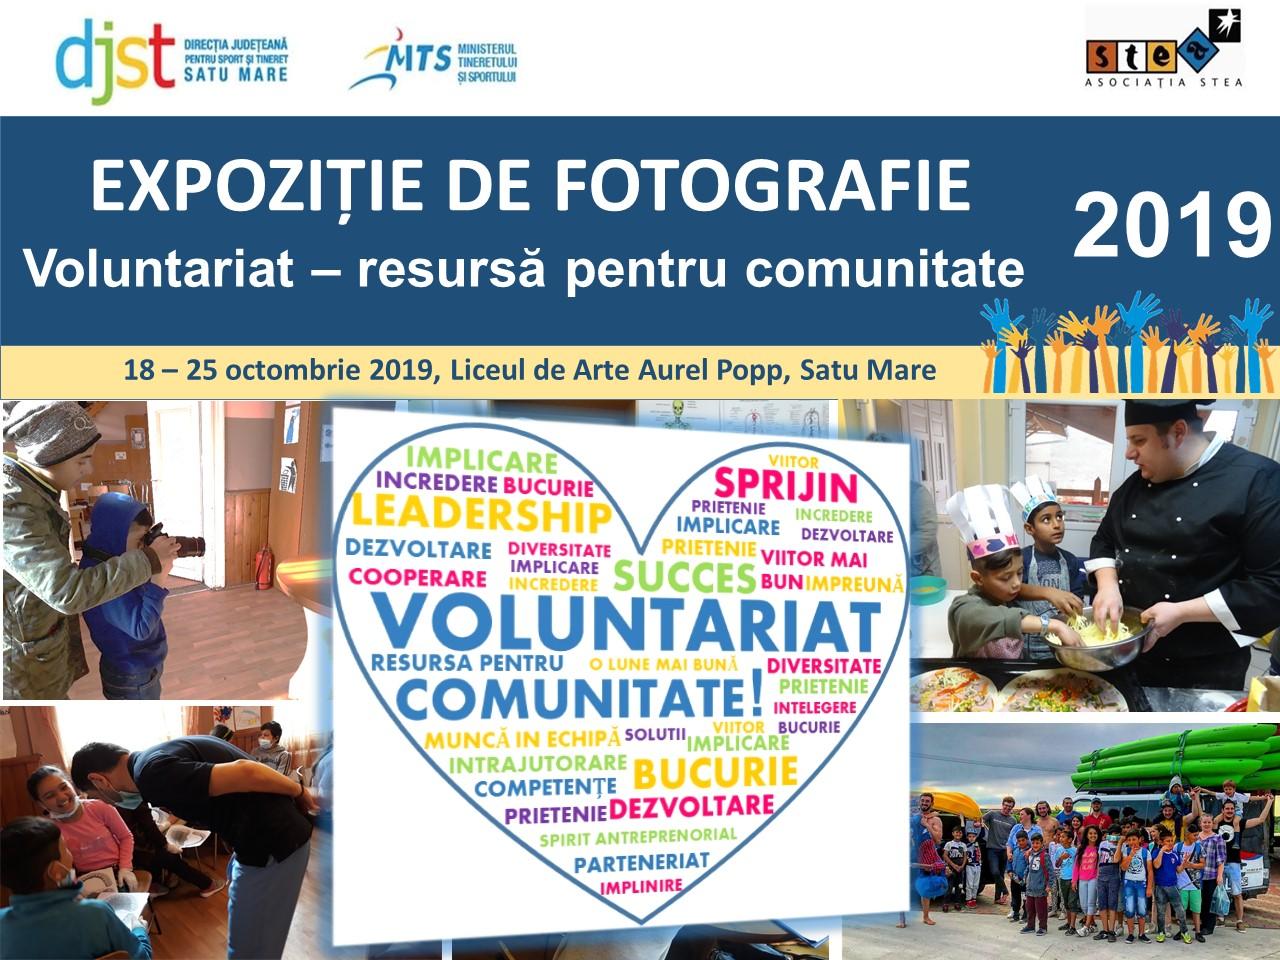 """Expoziție de fotografie """"Voluntariat - resursă pentru comunitate 2019�"""